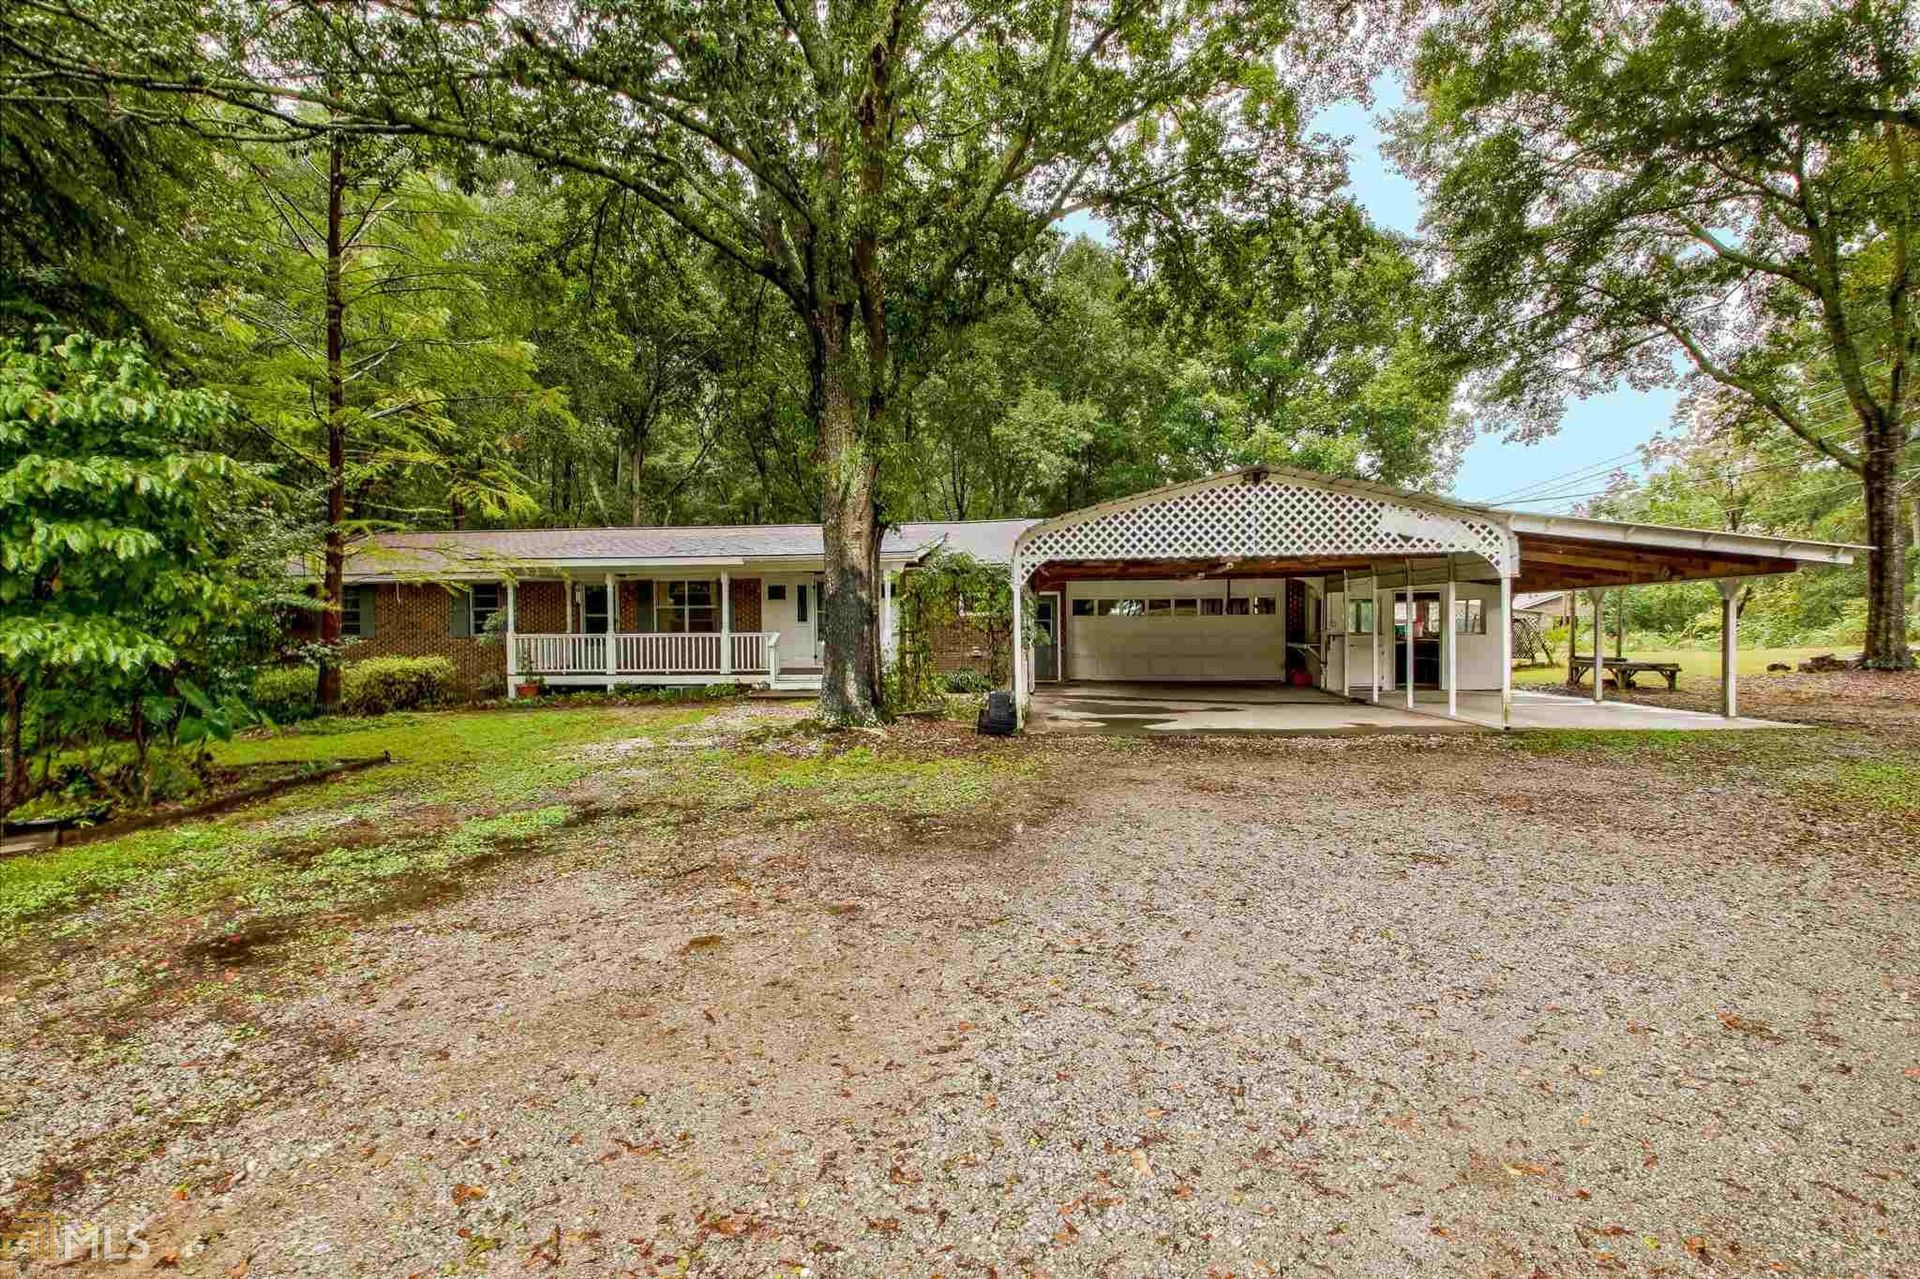 157 New Hope Rd, Fayetteville, GA 30214 - #: 8863453